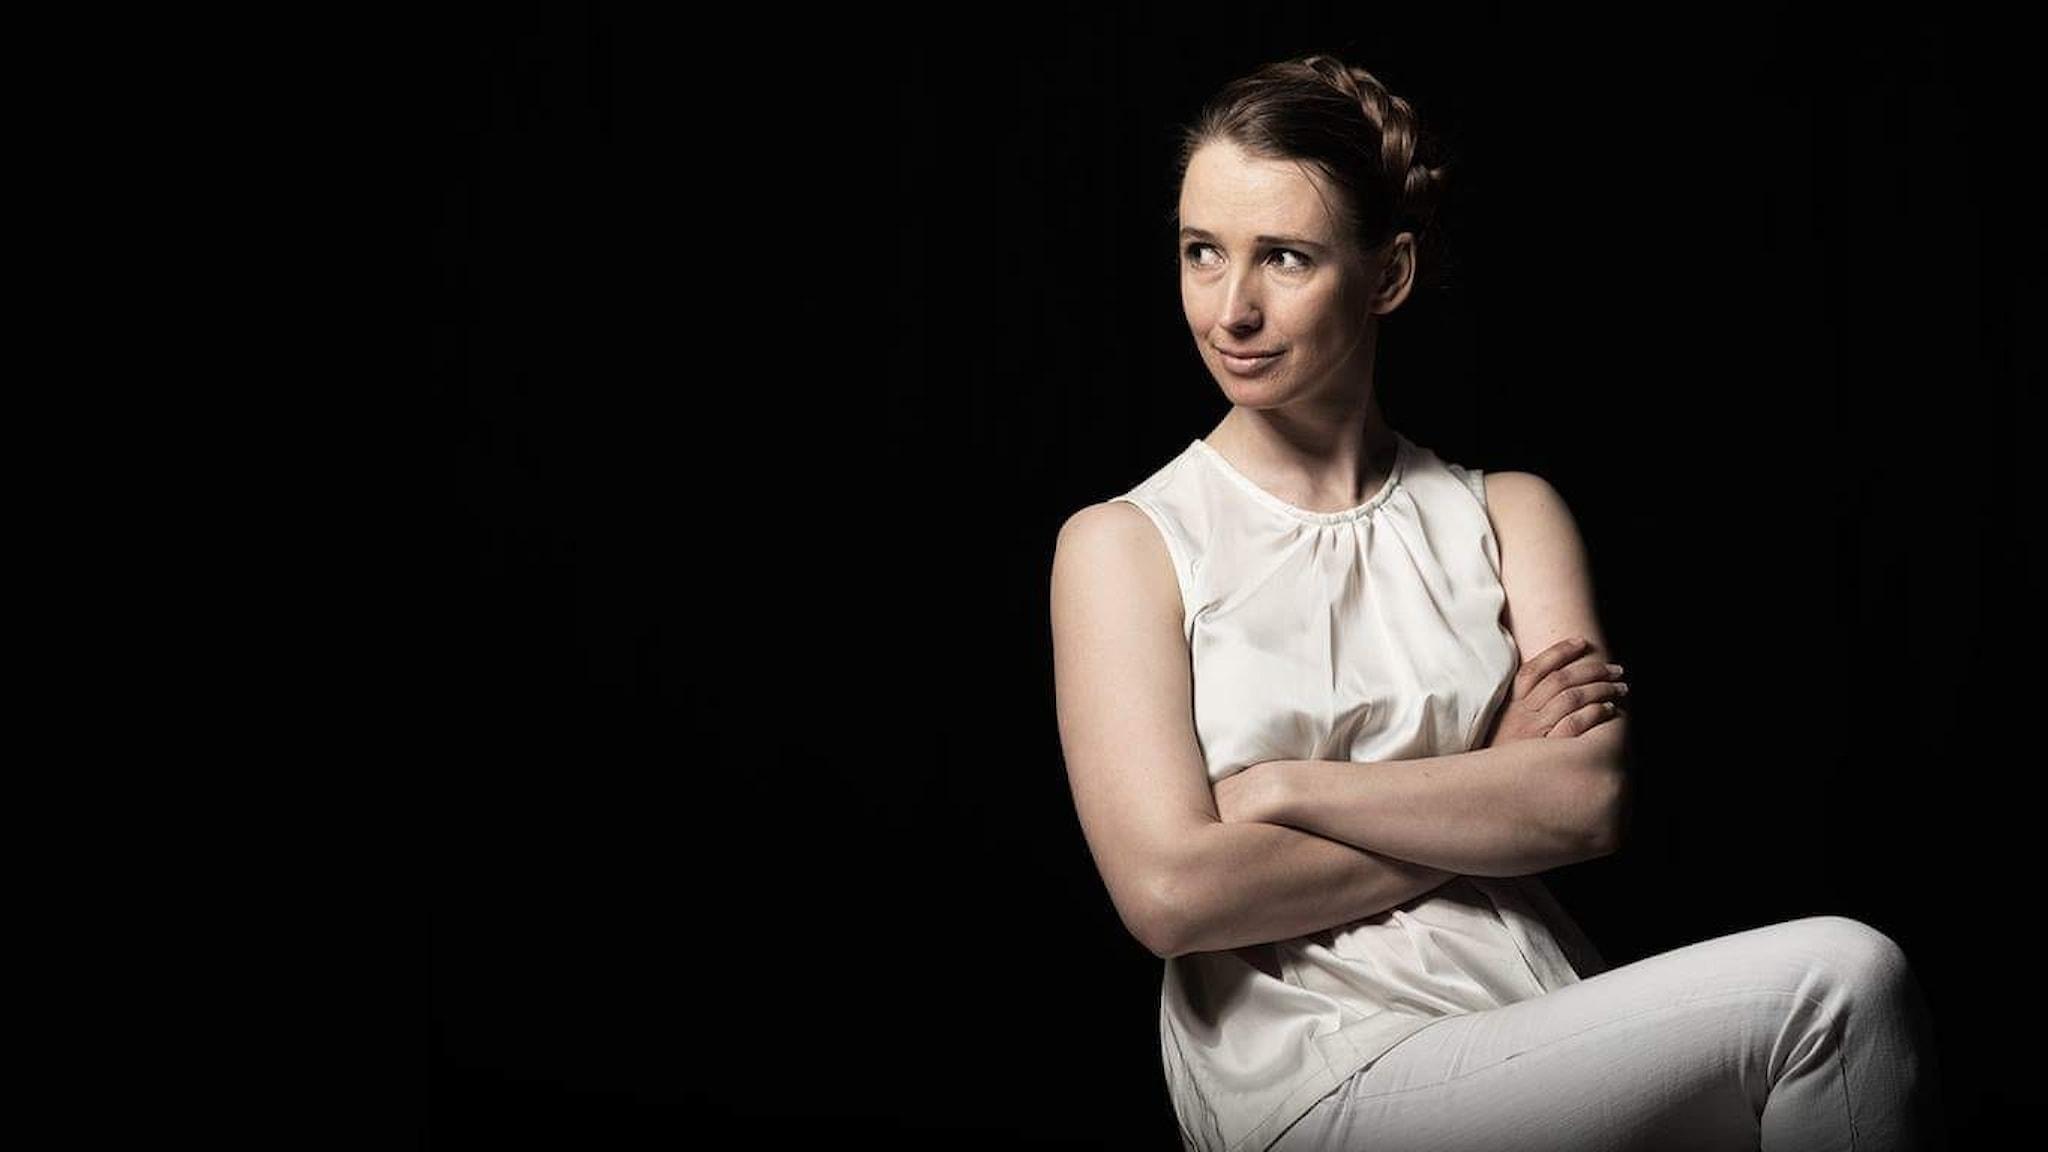 Artisten Lotta Karlsson fotad mot svart bakgrund. Hon har flätat hår och armarna korsade